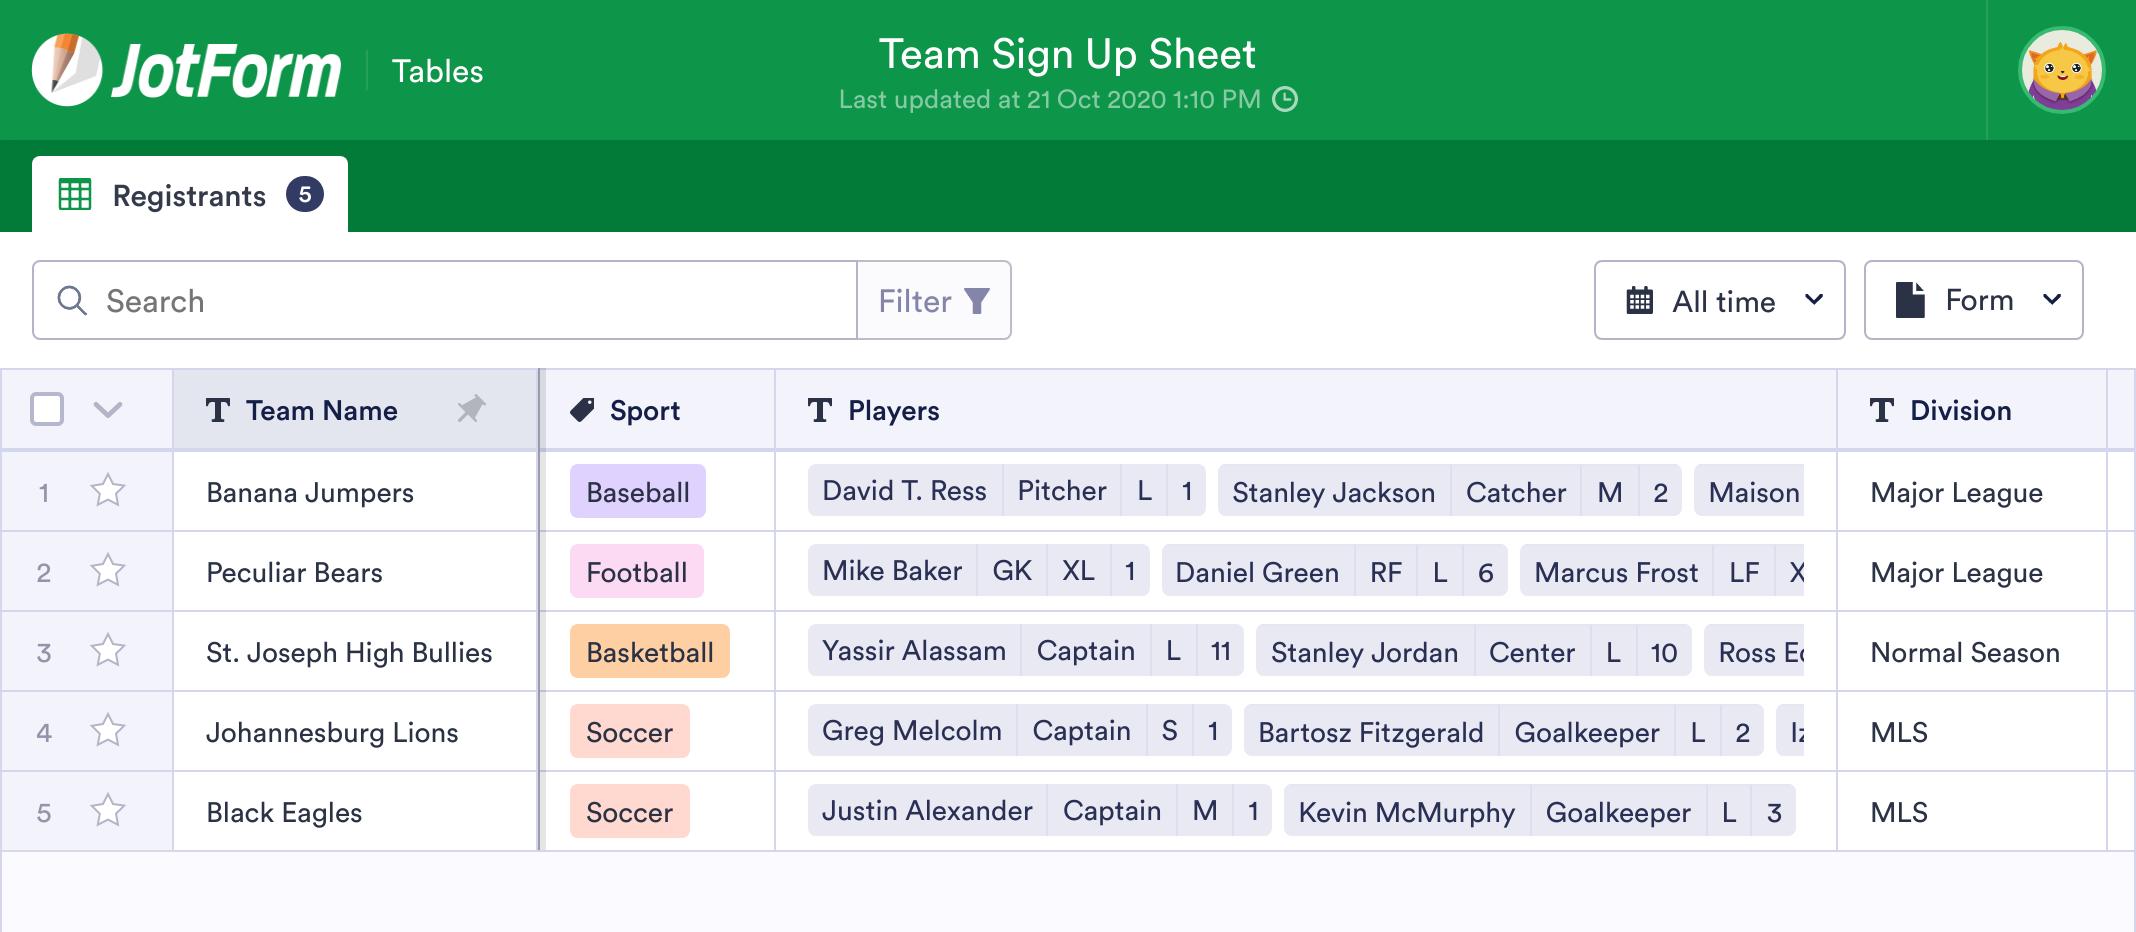 Team Sign Up Sheet